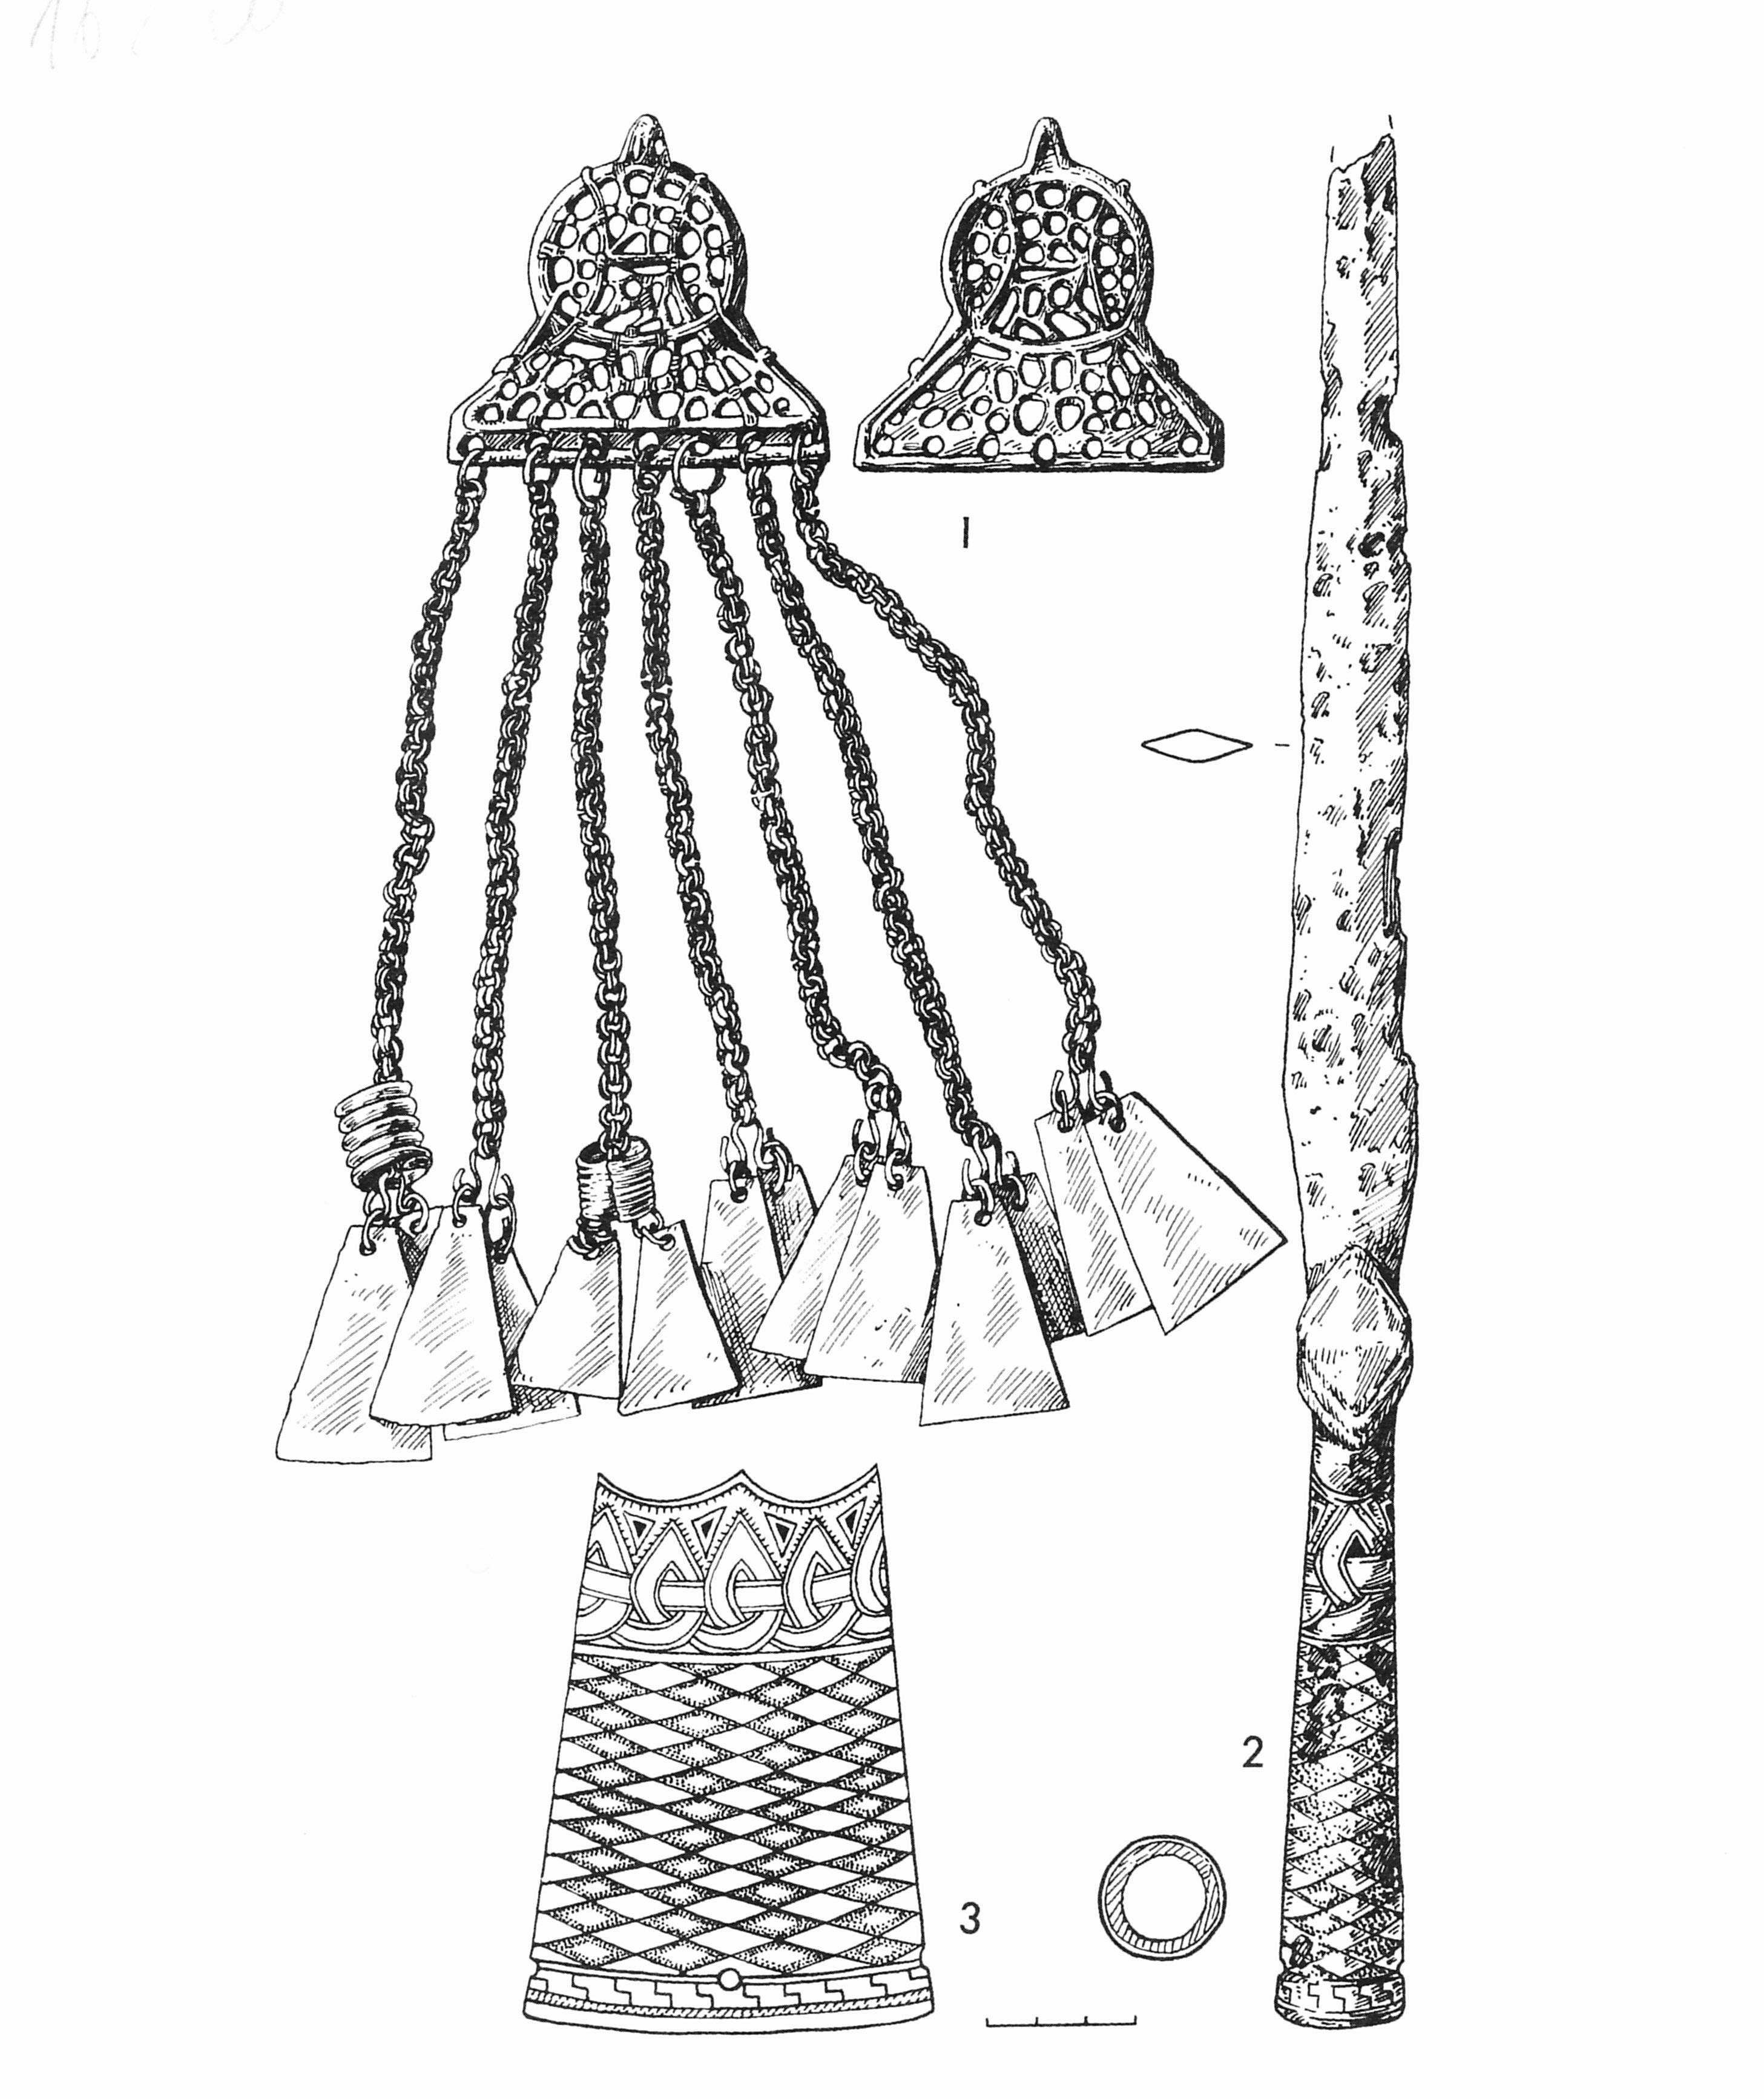 Находки скандинавского происхождения с латгальского могильника Драбешу Лиепини.